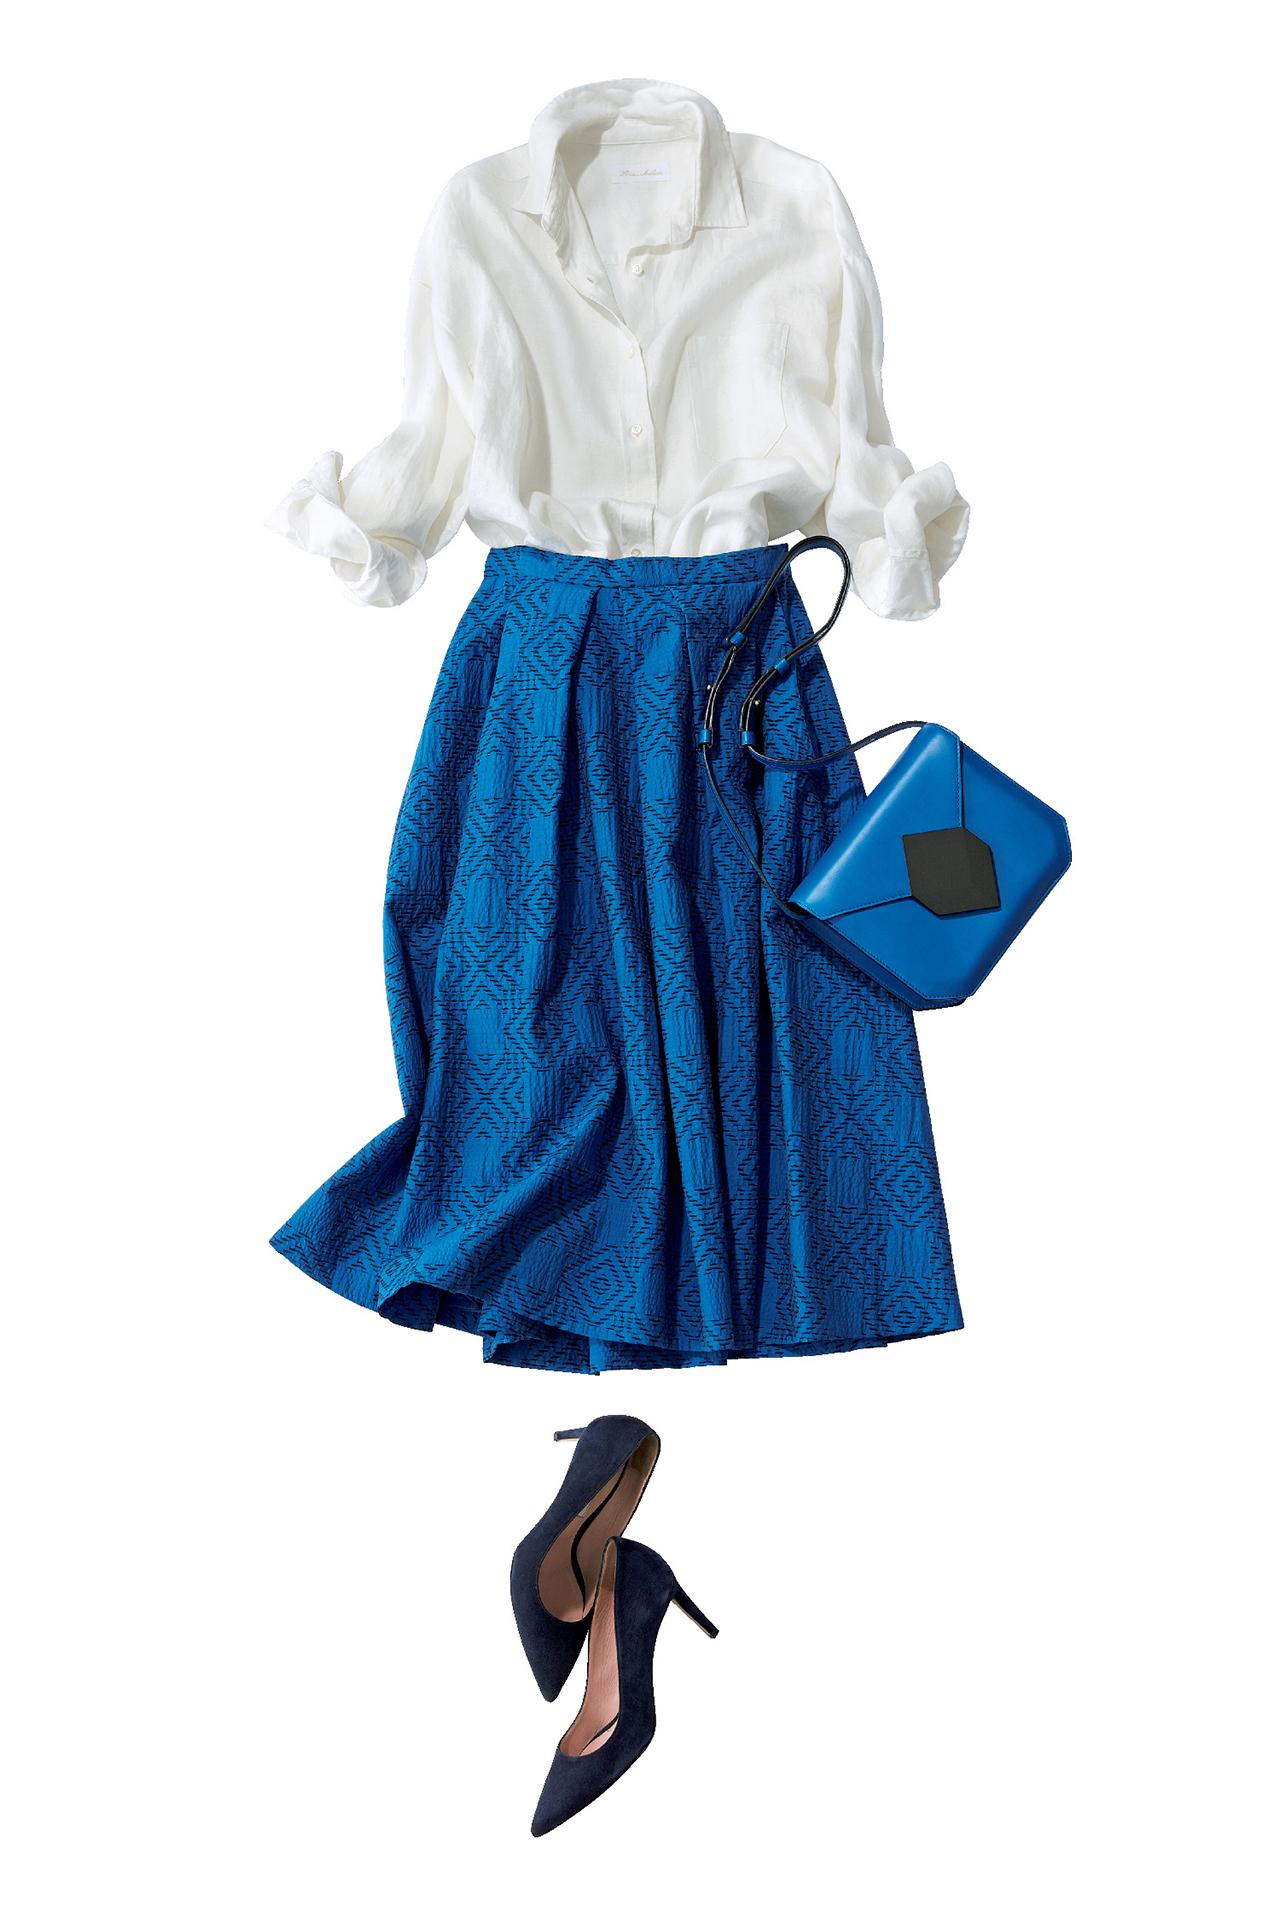 ブルーのスカートは、涼やかな美人感で360度好感度! 五選_1_1-3